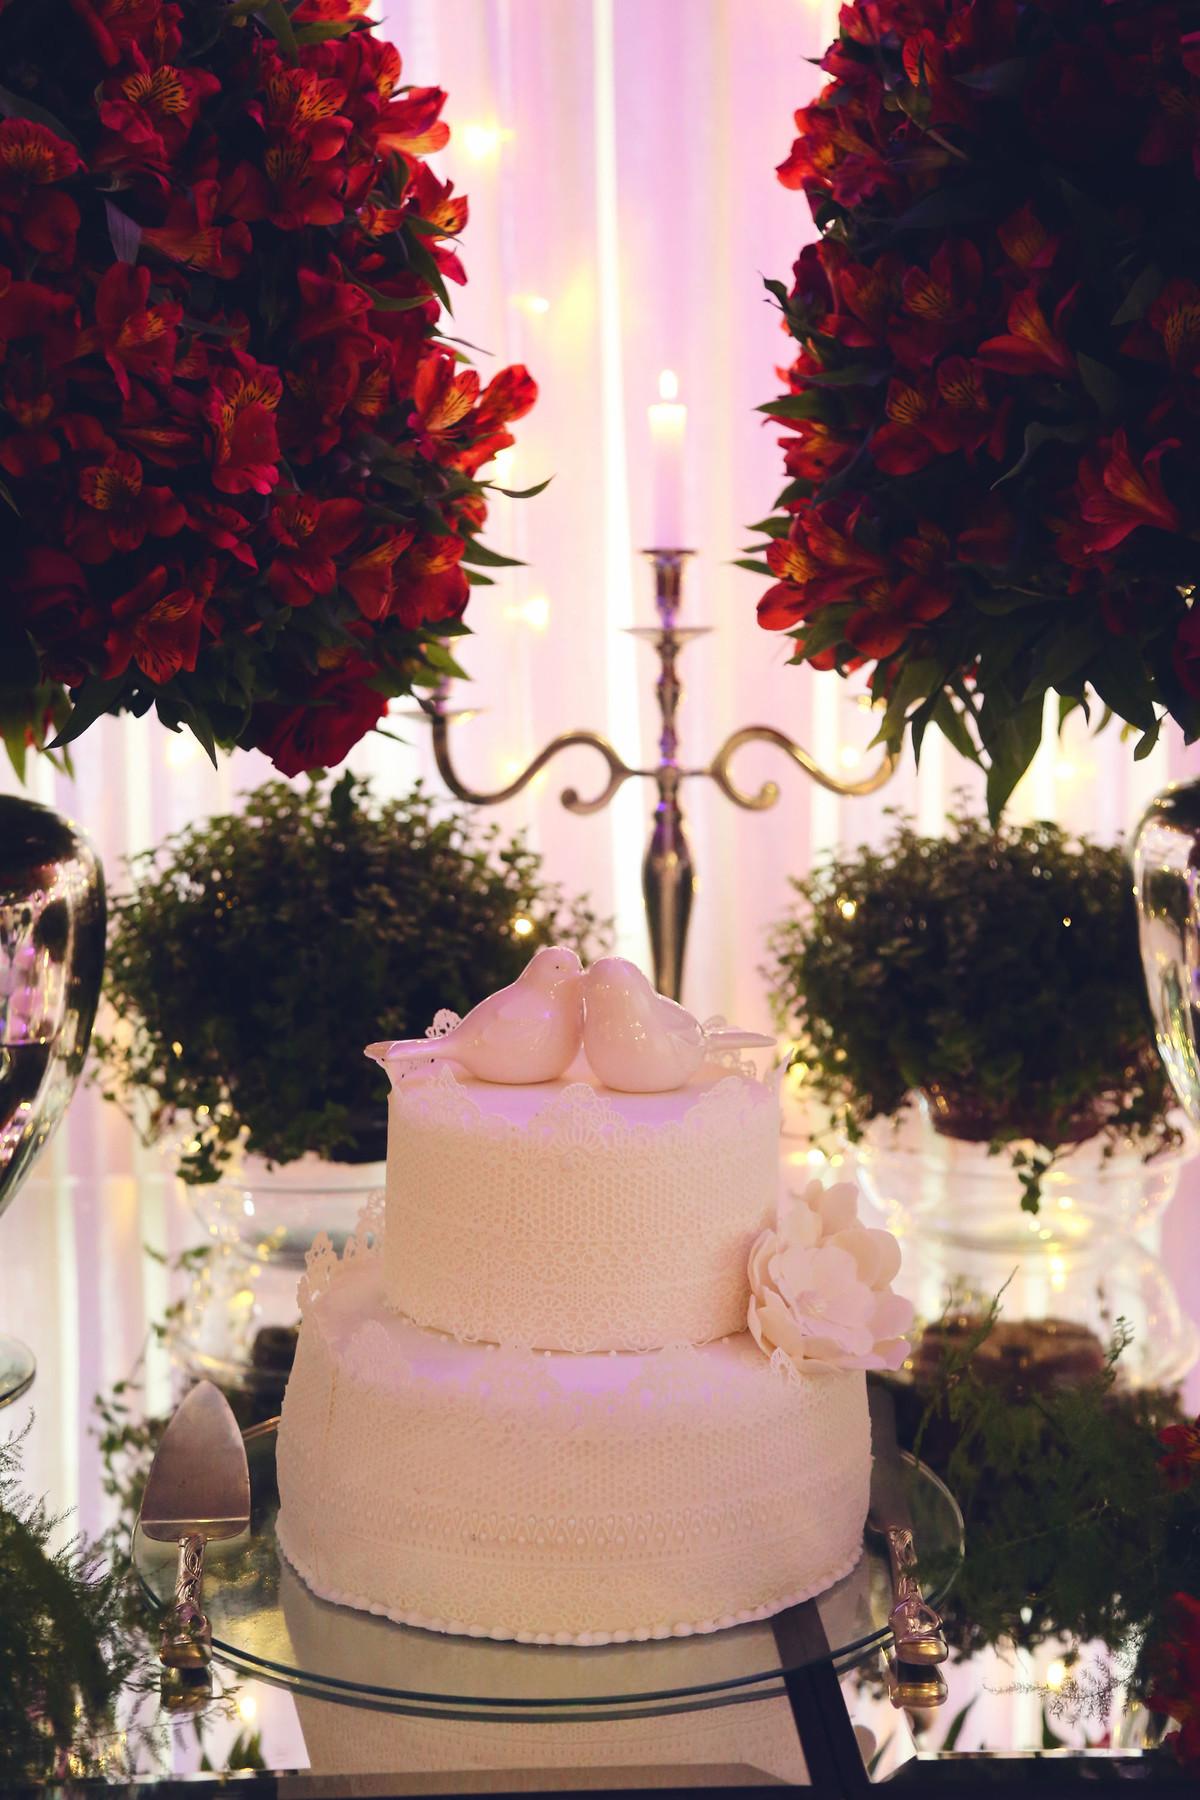 chroma foto - chroma fotografia - jaraguá do sul - noivas de jaraguá do sul - casamento Diandra